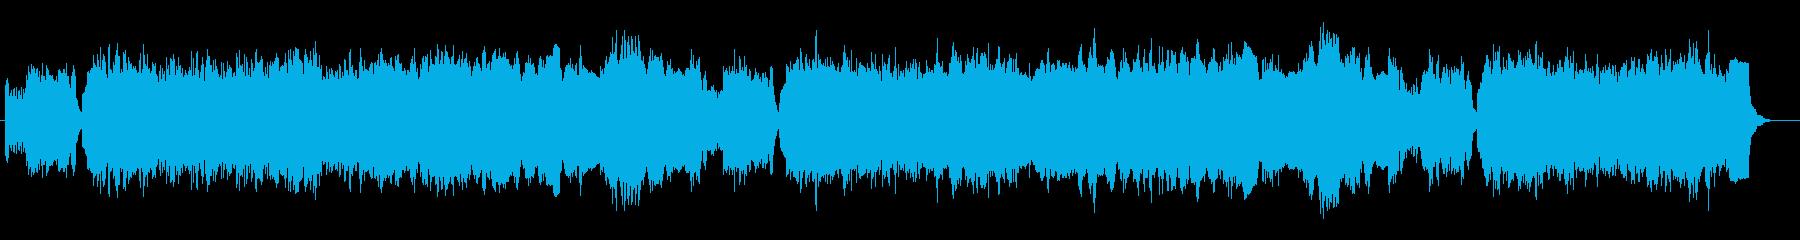 バッハ ブランデンブルク協奏曲Pオルガンの再生済みの波形